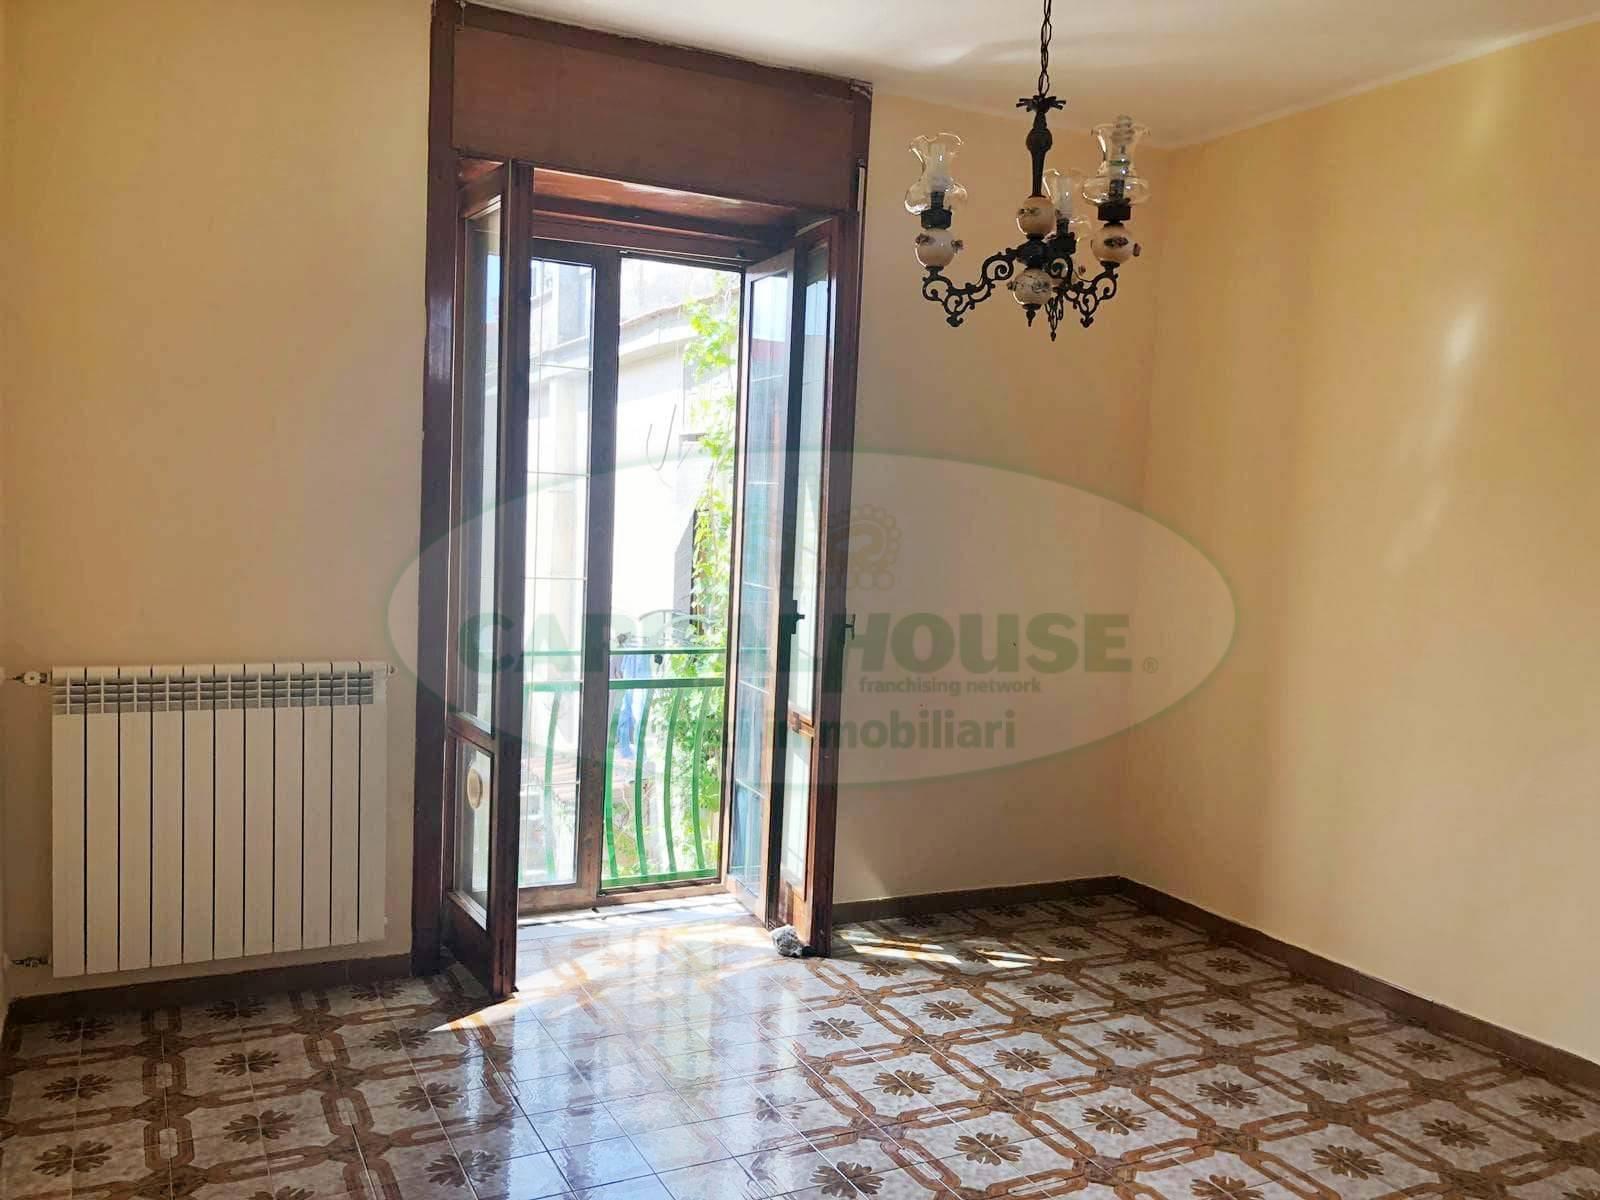 Appartamento in affitto a Avella, 4 locali, prezzo € 350 | CambioCasa.it